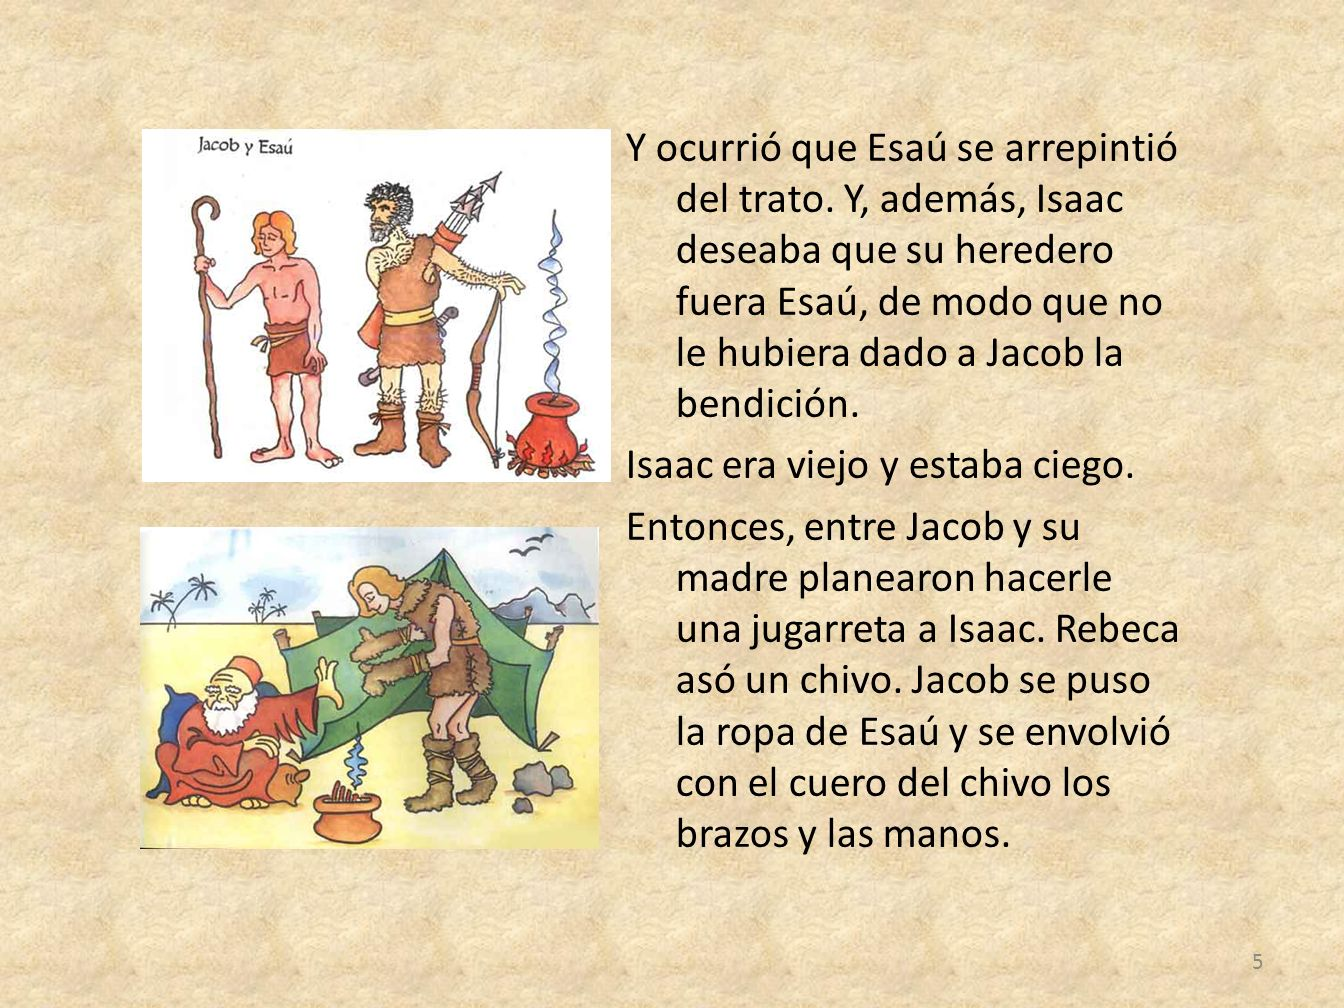 Y ocurrió que Esaú se arrepintió del trato. Y, además, Isaac deseaba que su heredero fuera Esaú, de modo que no le hubiera dado a Jacob la bendición.